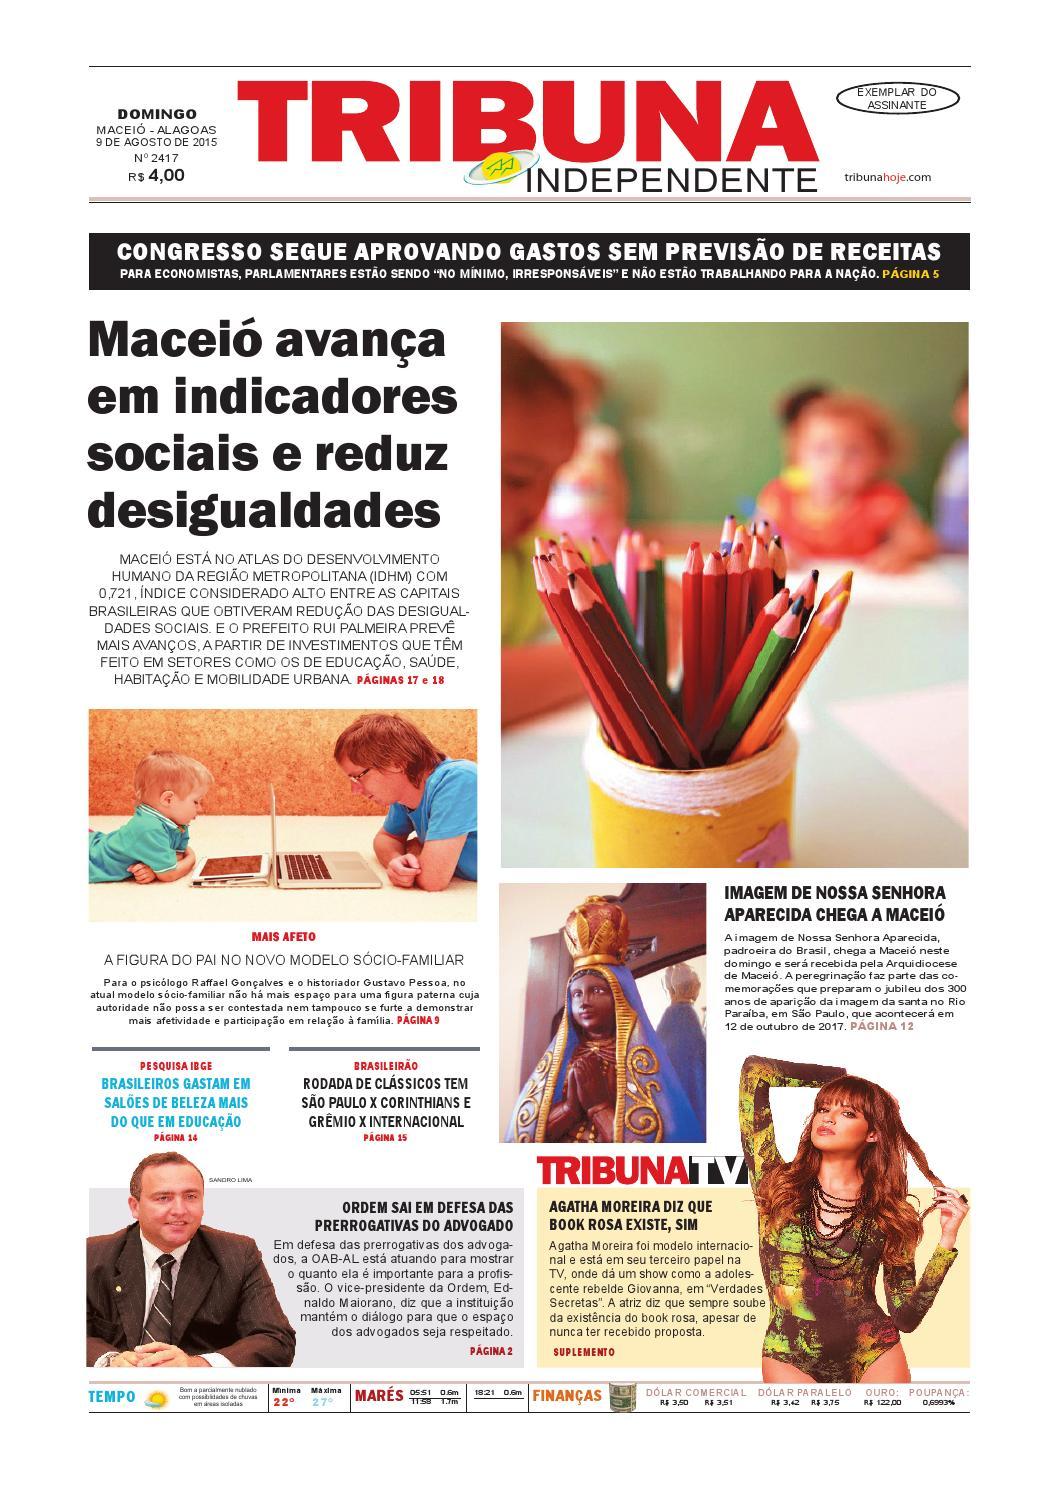 Edição número 2417 - 9 de agosto de 2015 by Tribuna Hoje - issuu 2da35decc4